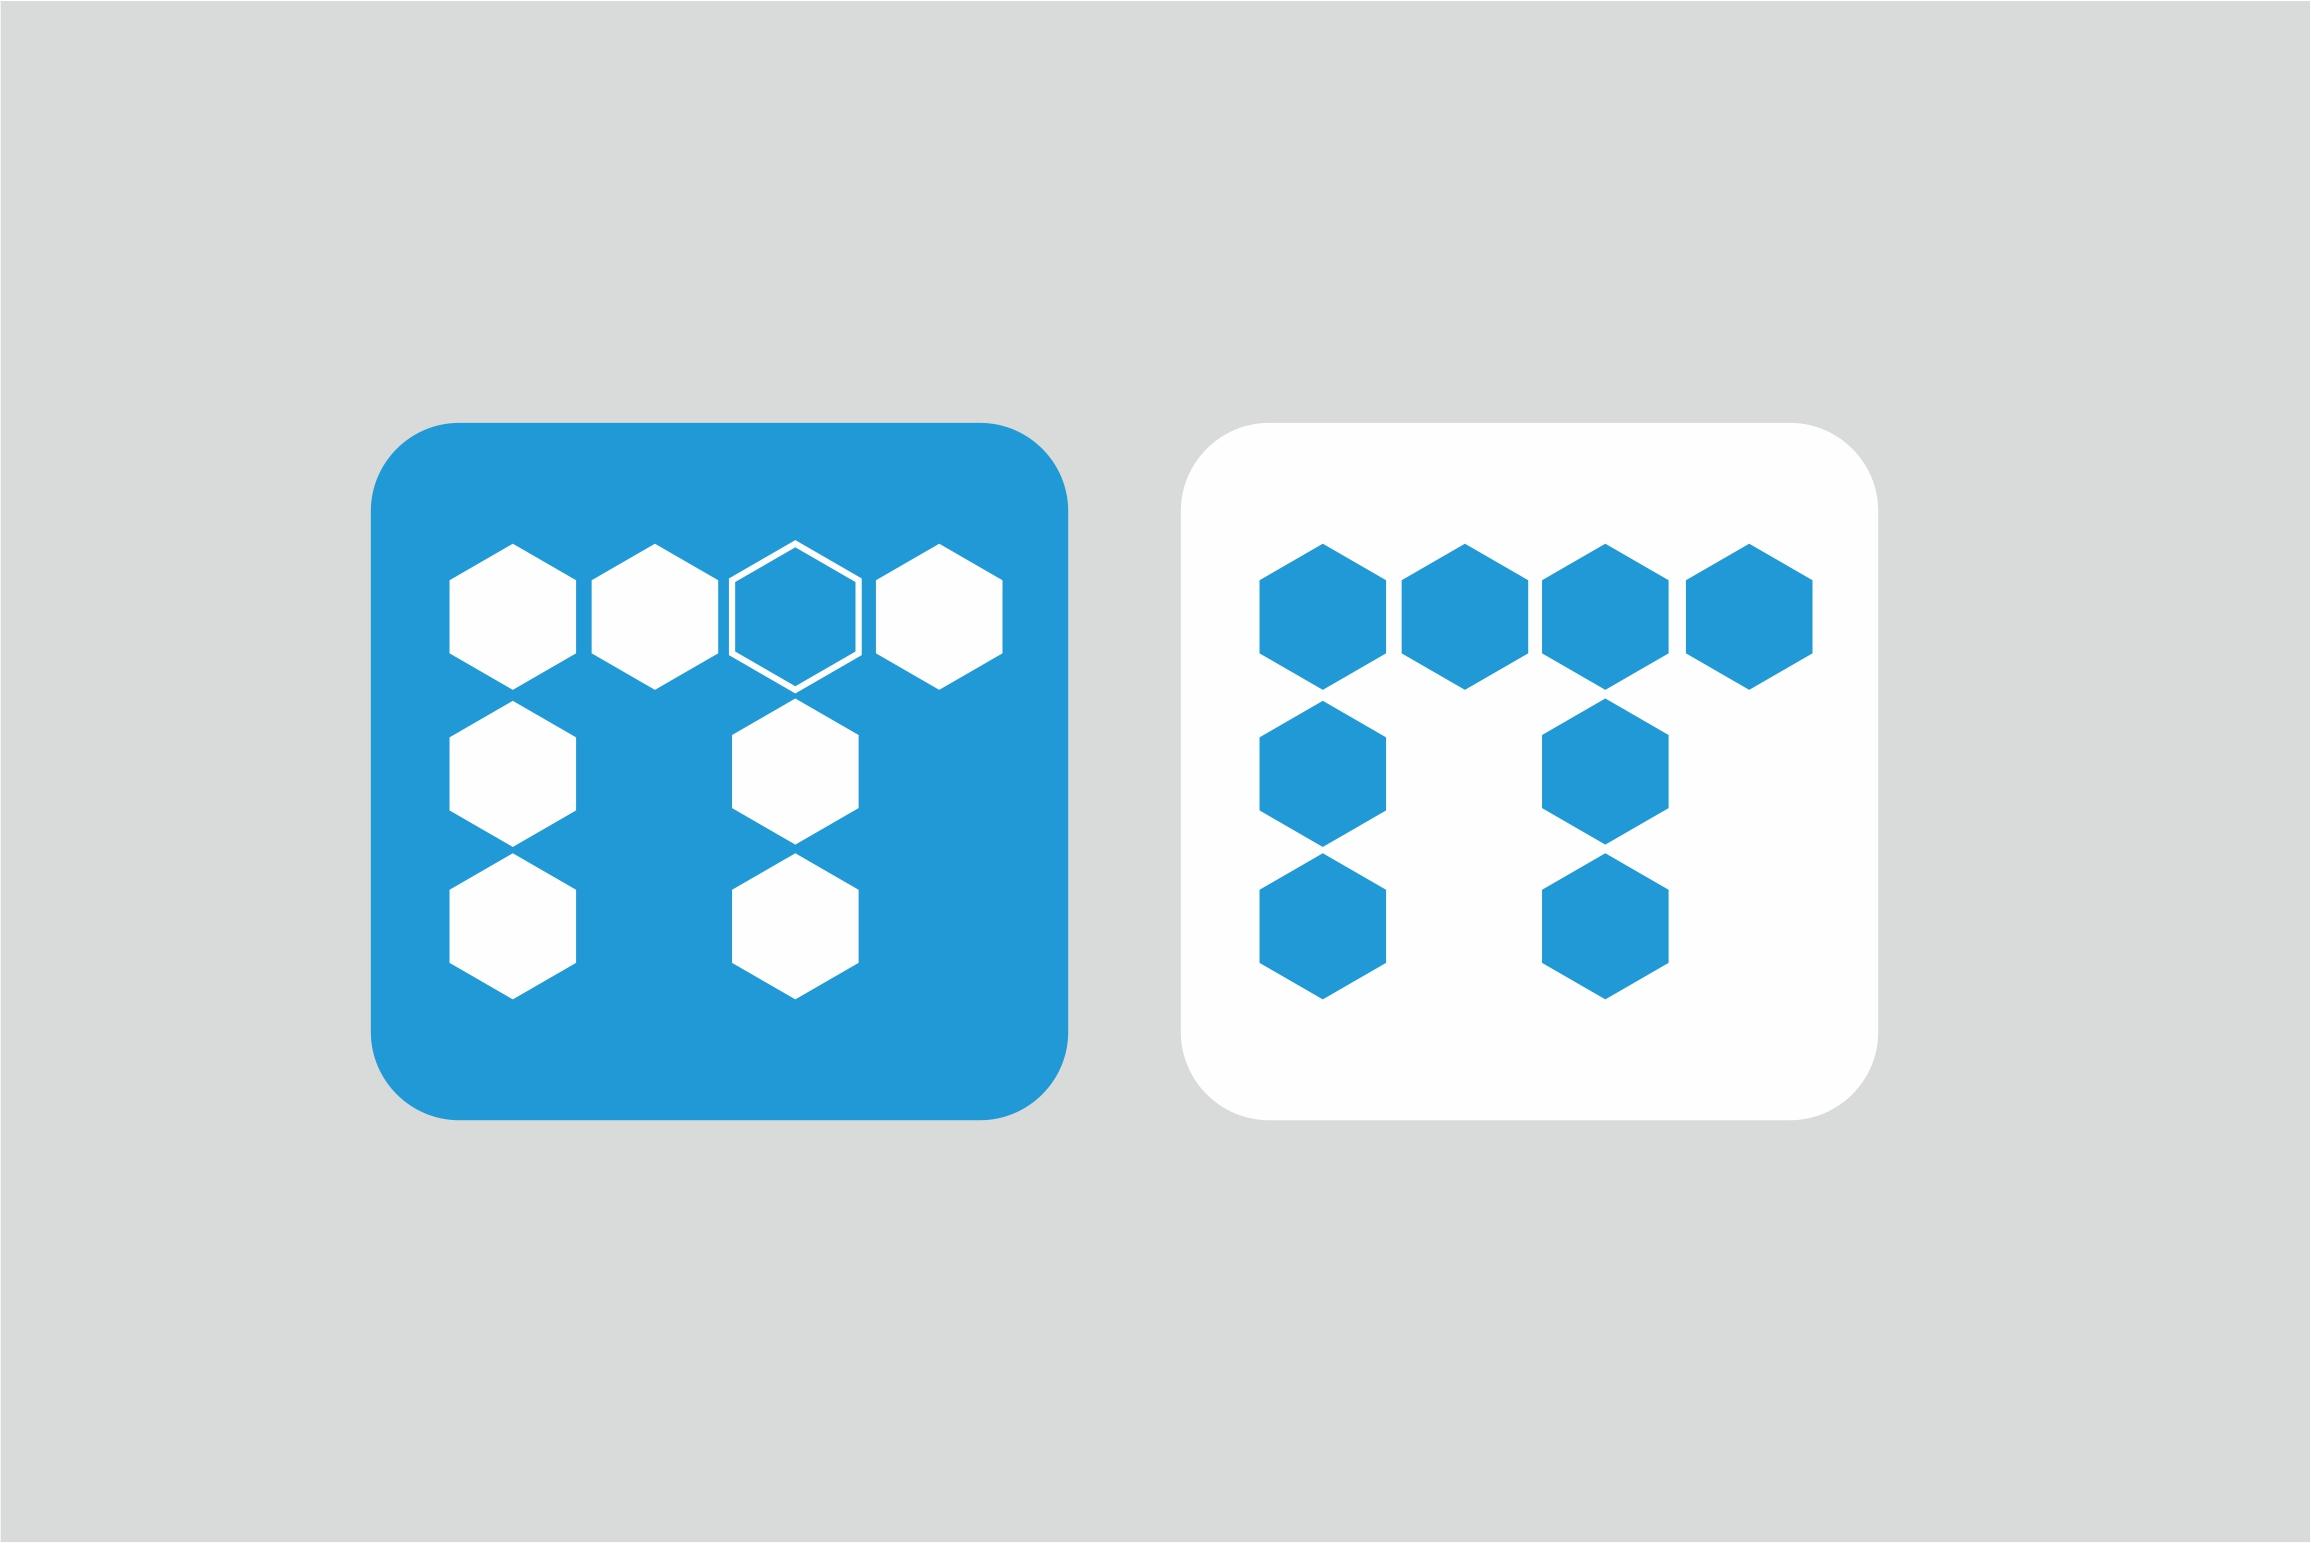 Логотип / иконка сервиса управления проектами / задачами фото f_8155975aa7da7352.jpg